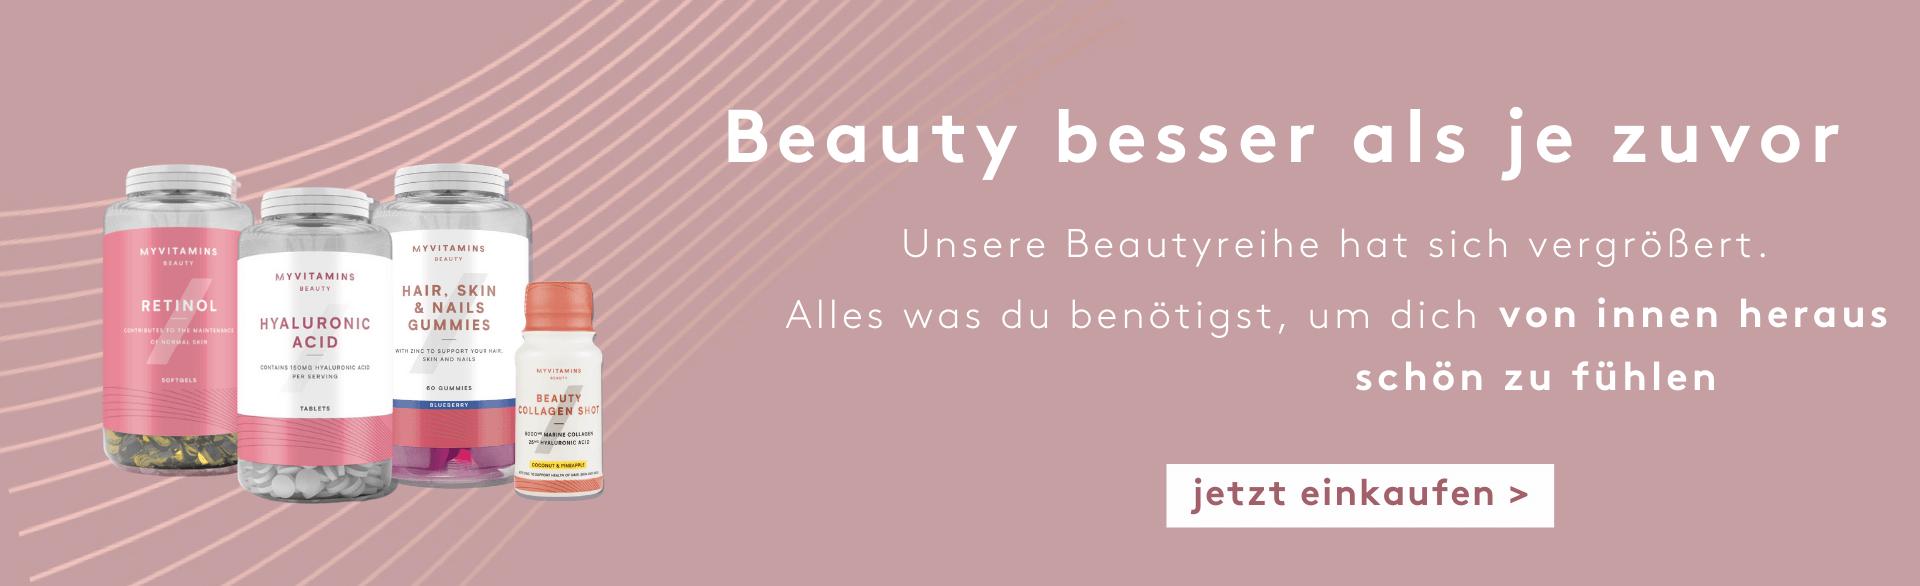 Beauty besser als je zuvor